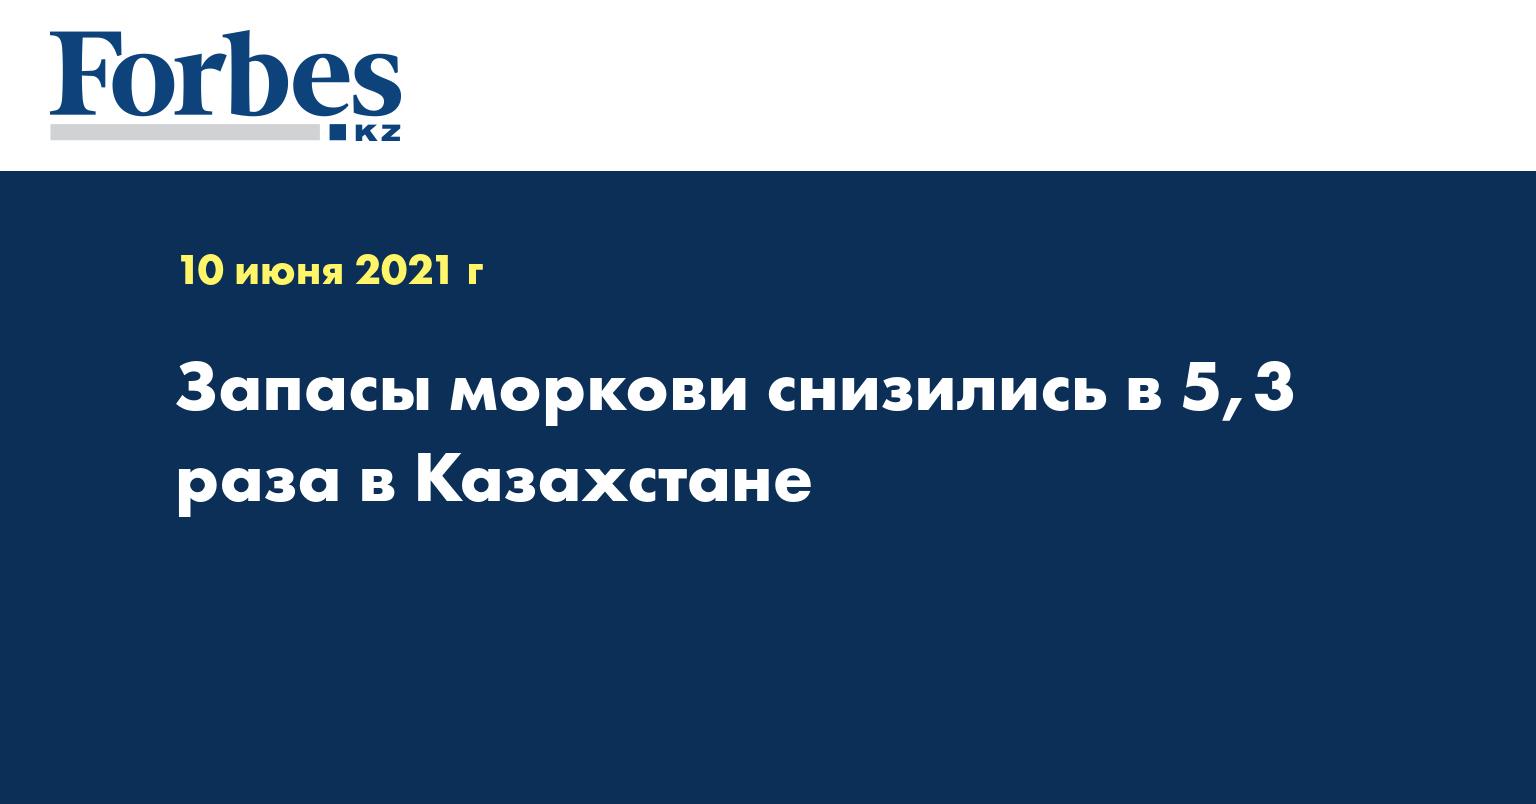 Запасы моркови снизились в 5,3 раза в Казахстане